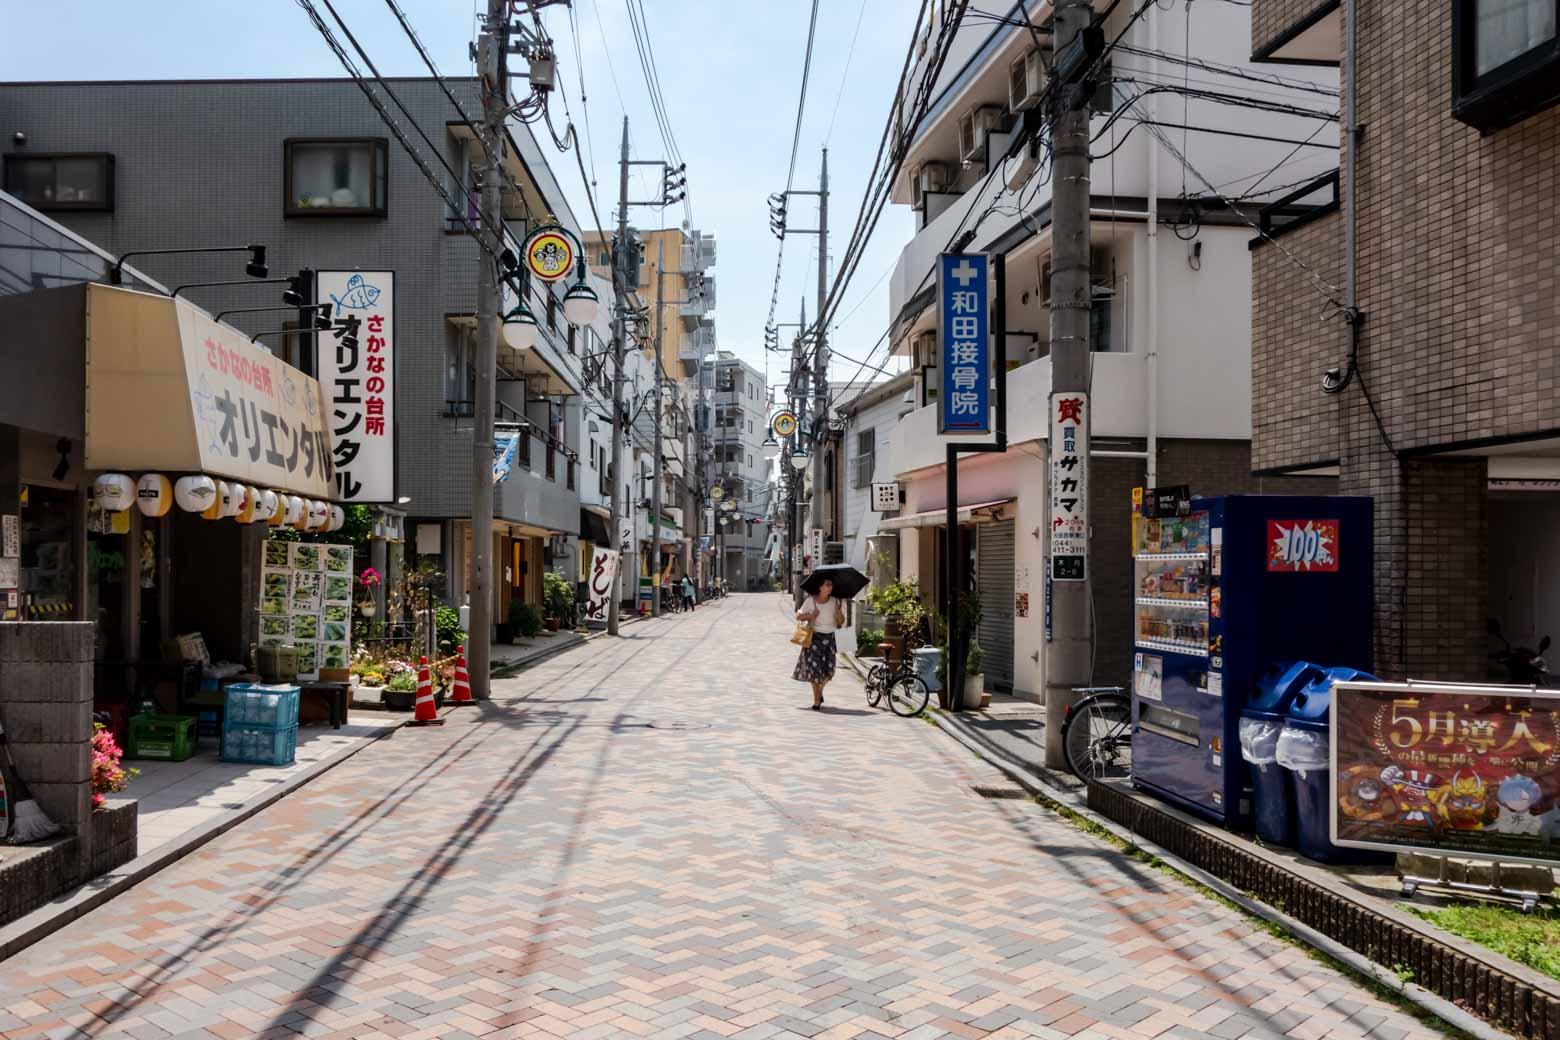 とても静かな路地に出ます。実はこの通りには一騎当千級に美味しい飲食店が点在していて、僕は勝手に〈食道楽ロード〉と呼んでいます。